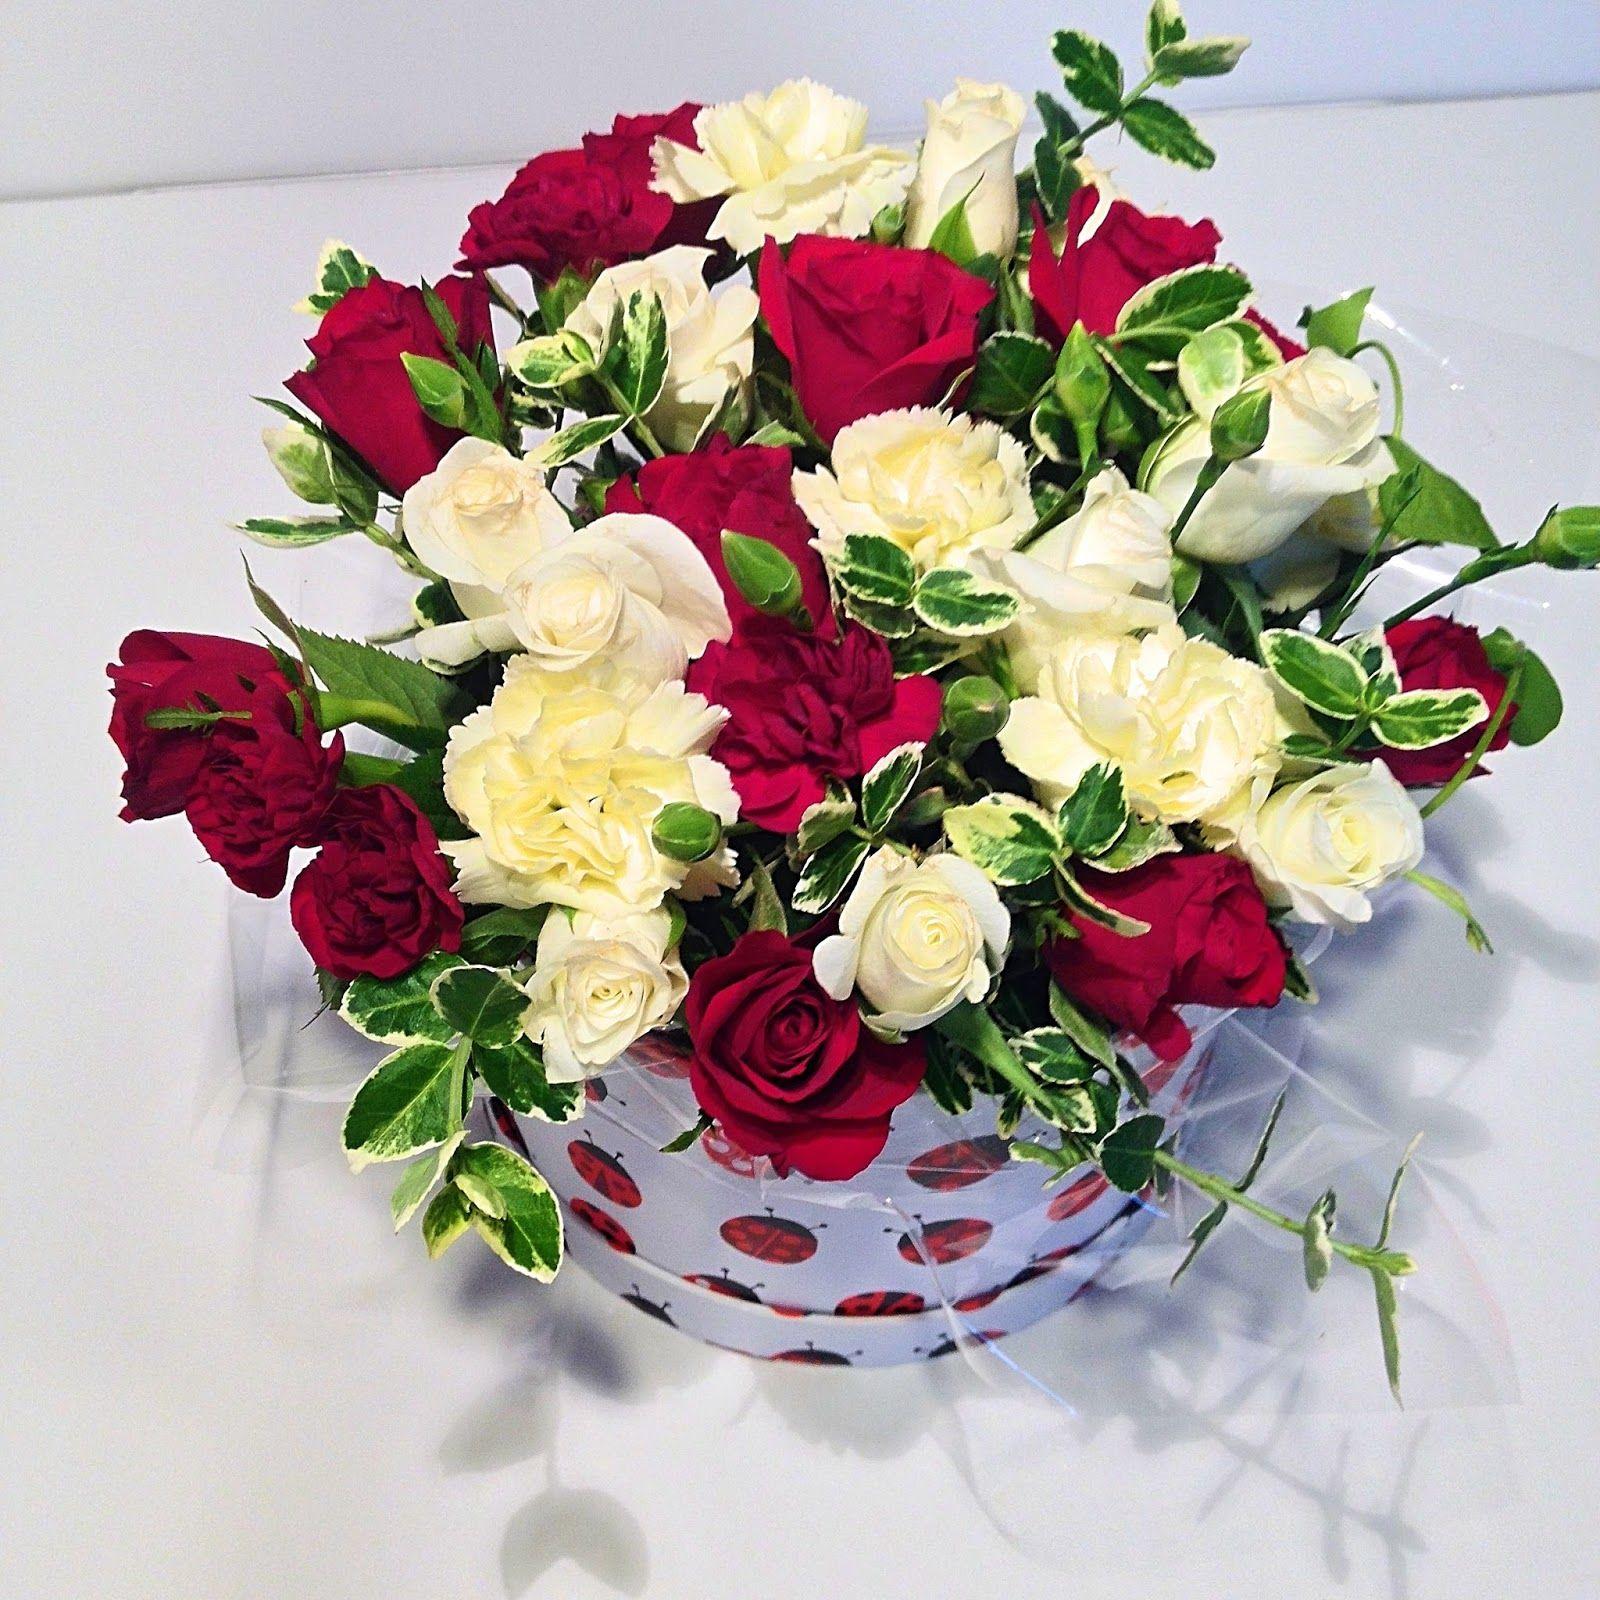 Kwiaty W Pudelku Diy Na Dzien Mamy Idealny Pomysl Na Efektowny Prezent Na Ta Wyjatkowa Okolicznosc Floral Wreath Table Decorations Floral